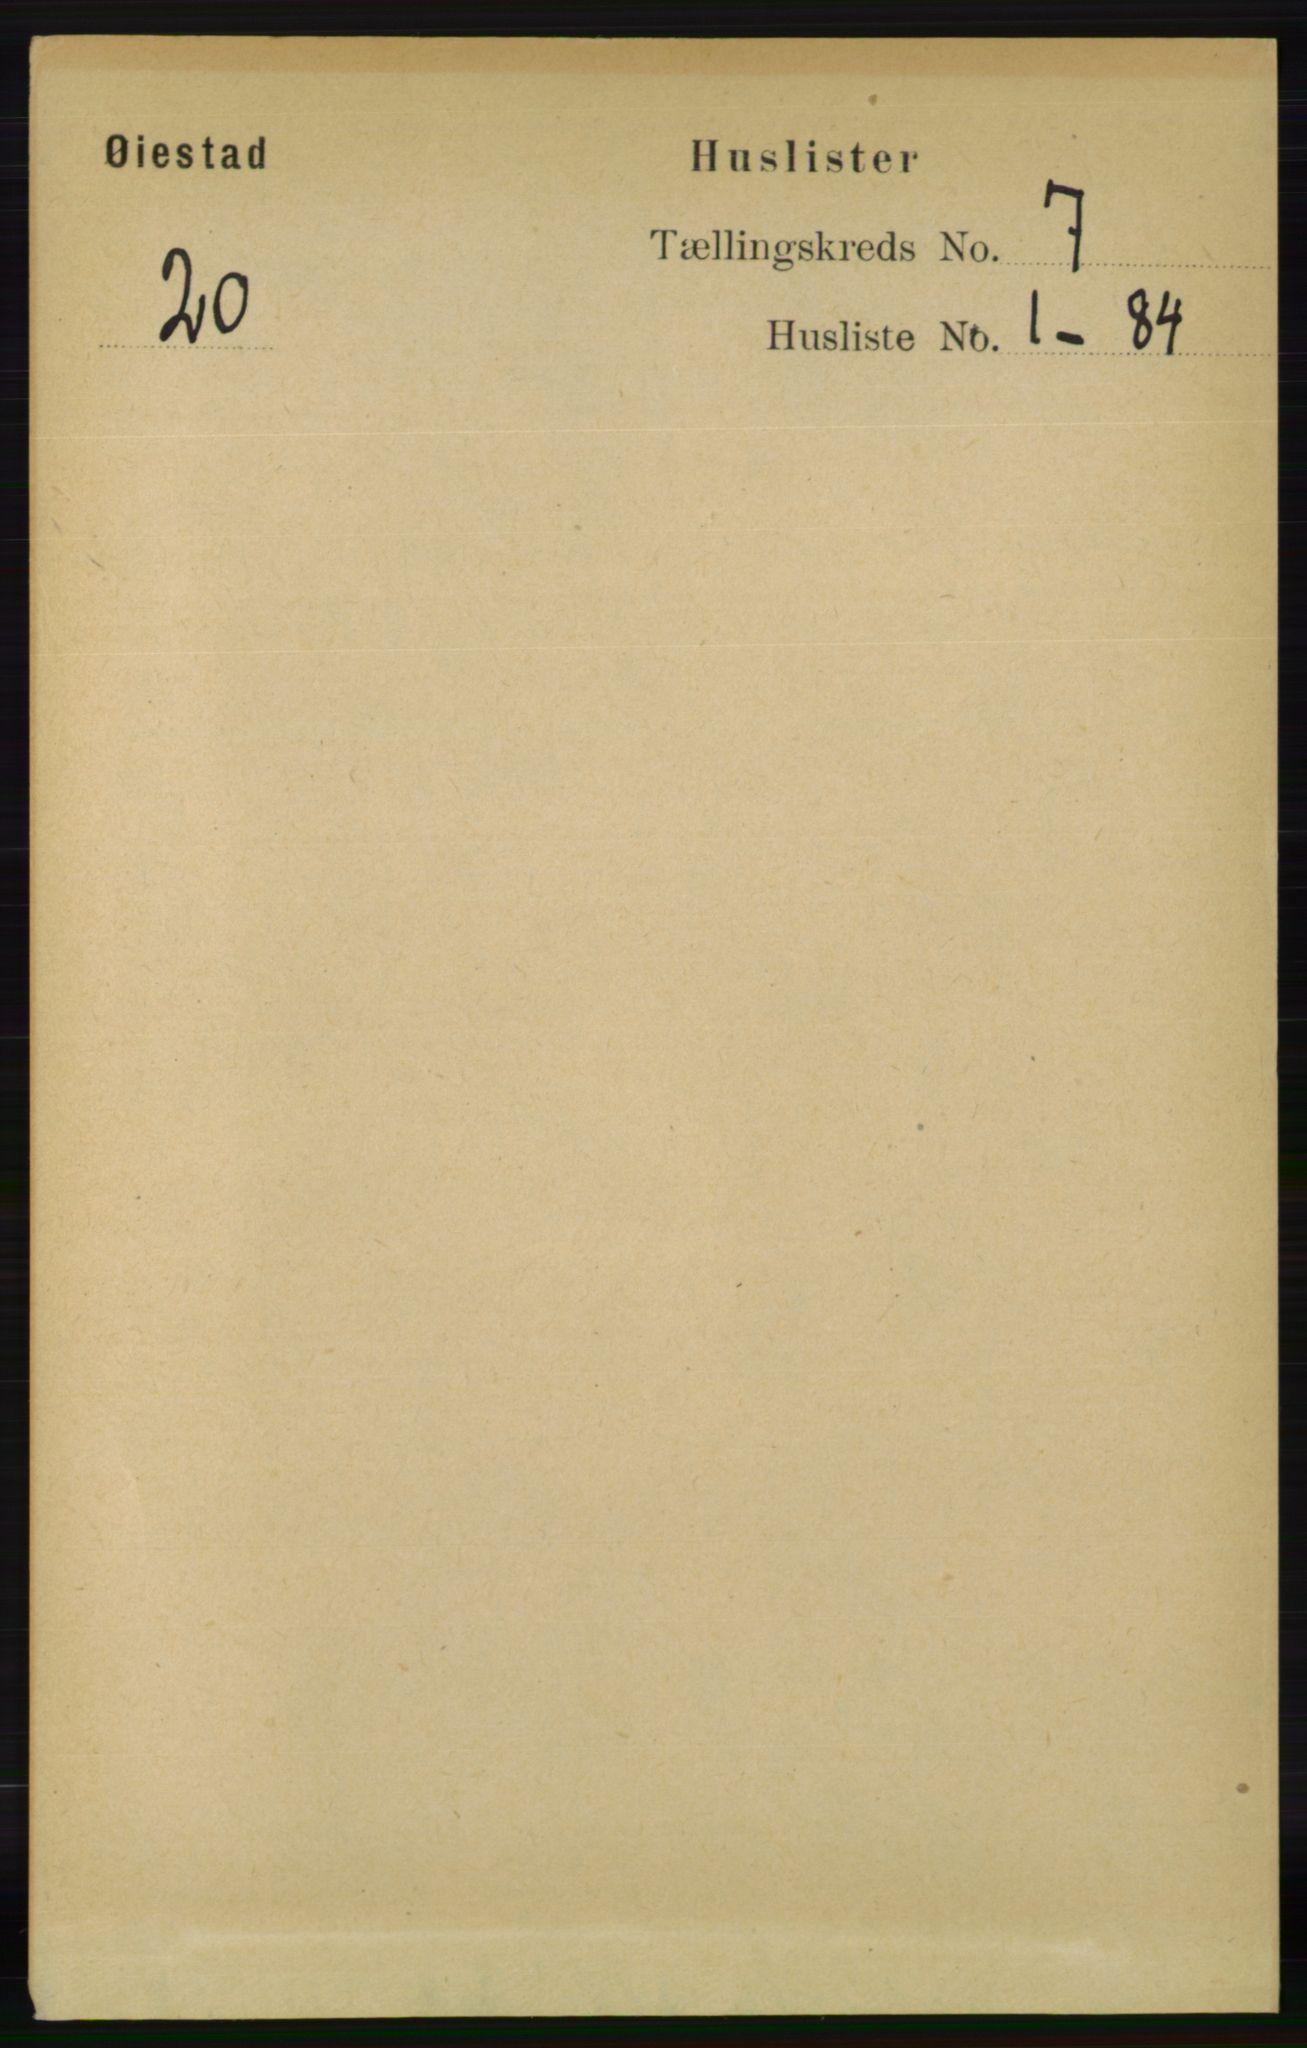 RA, Folketelling 1891 for 0920 Øyestad herred, 1891, s. 2566